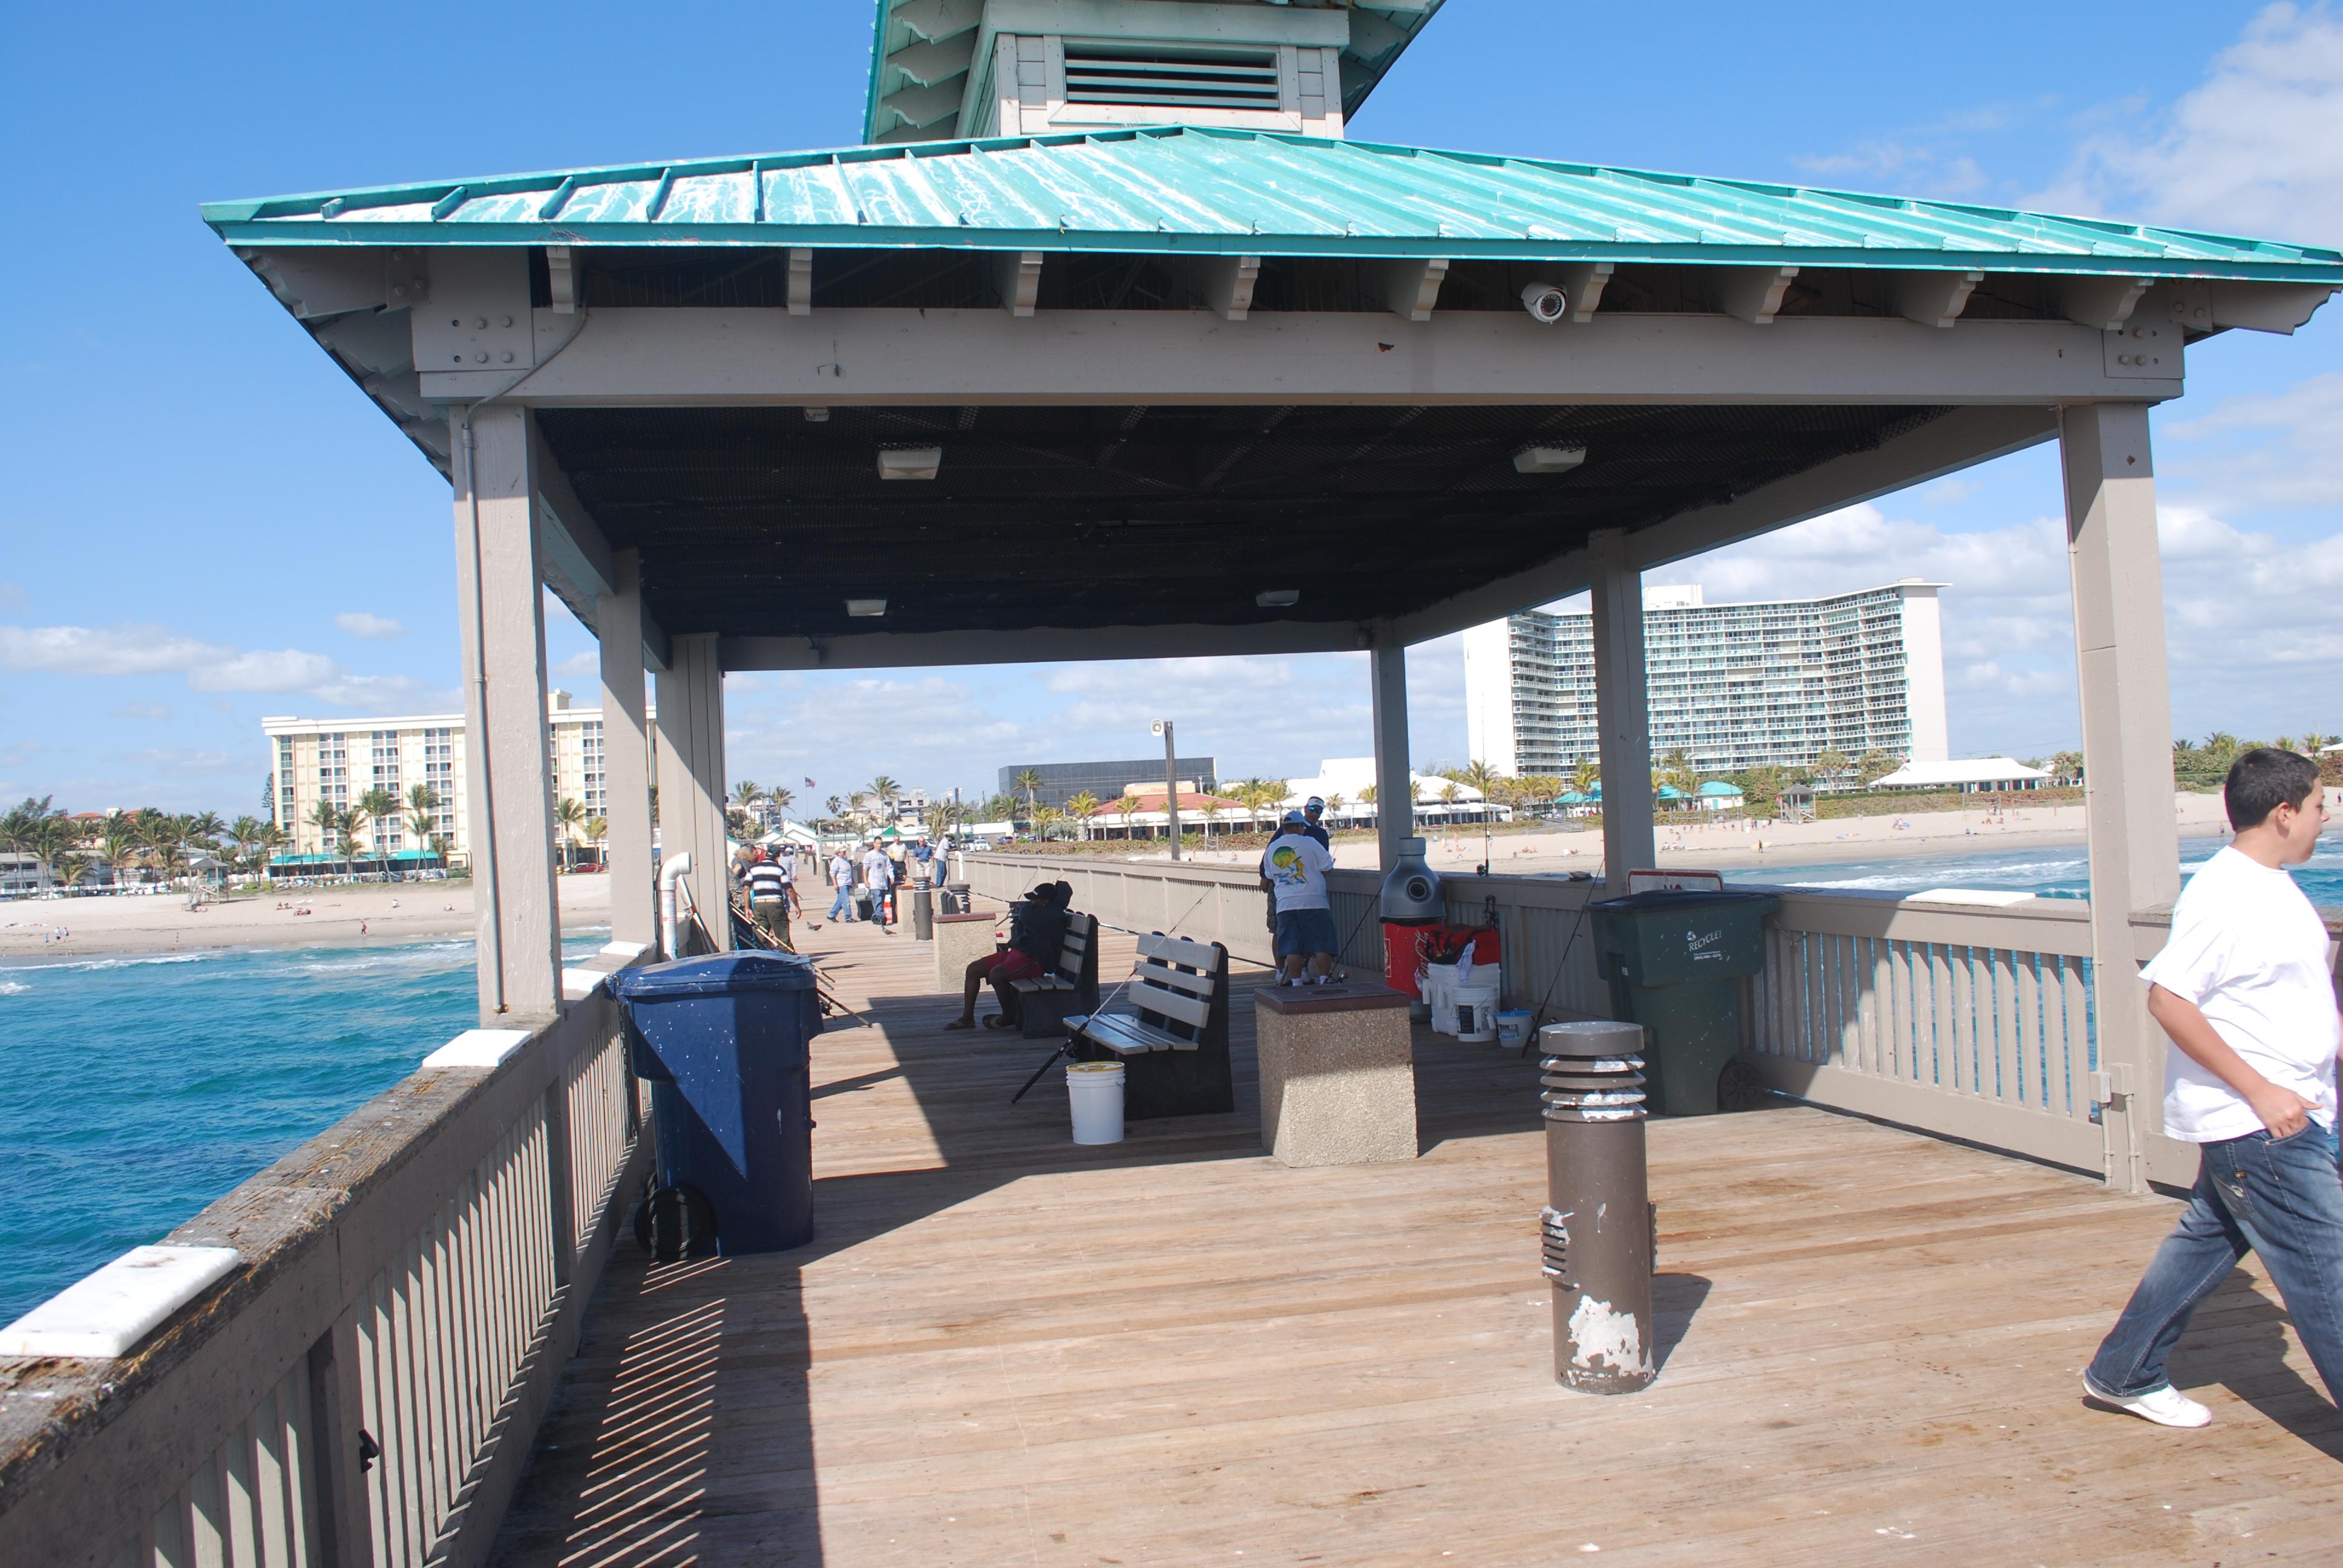 Deerfield Beach Fishing Pier Closed By